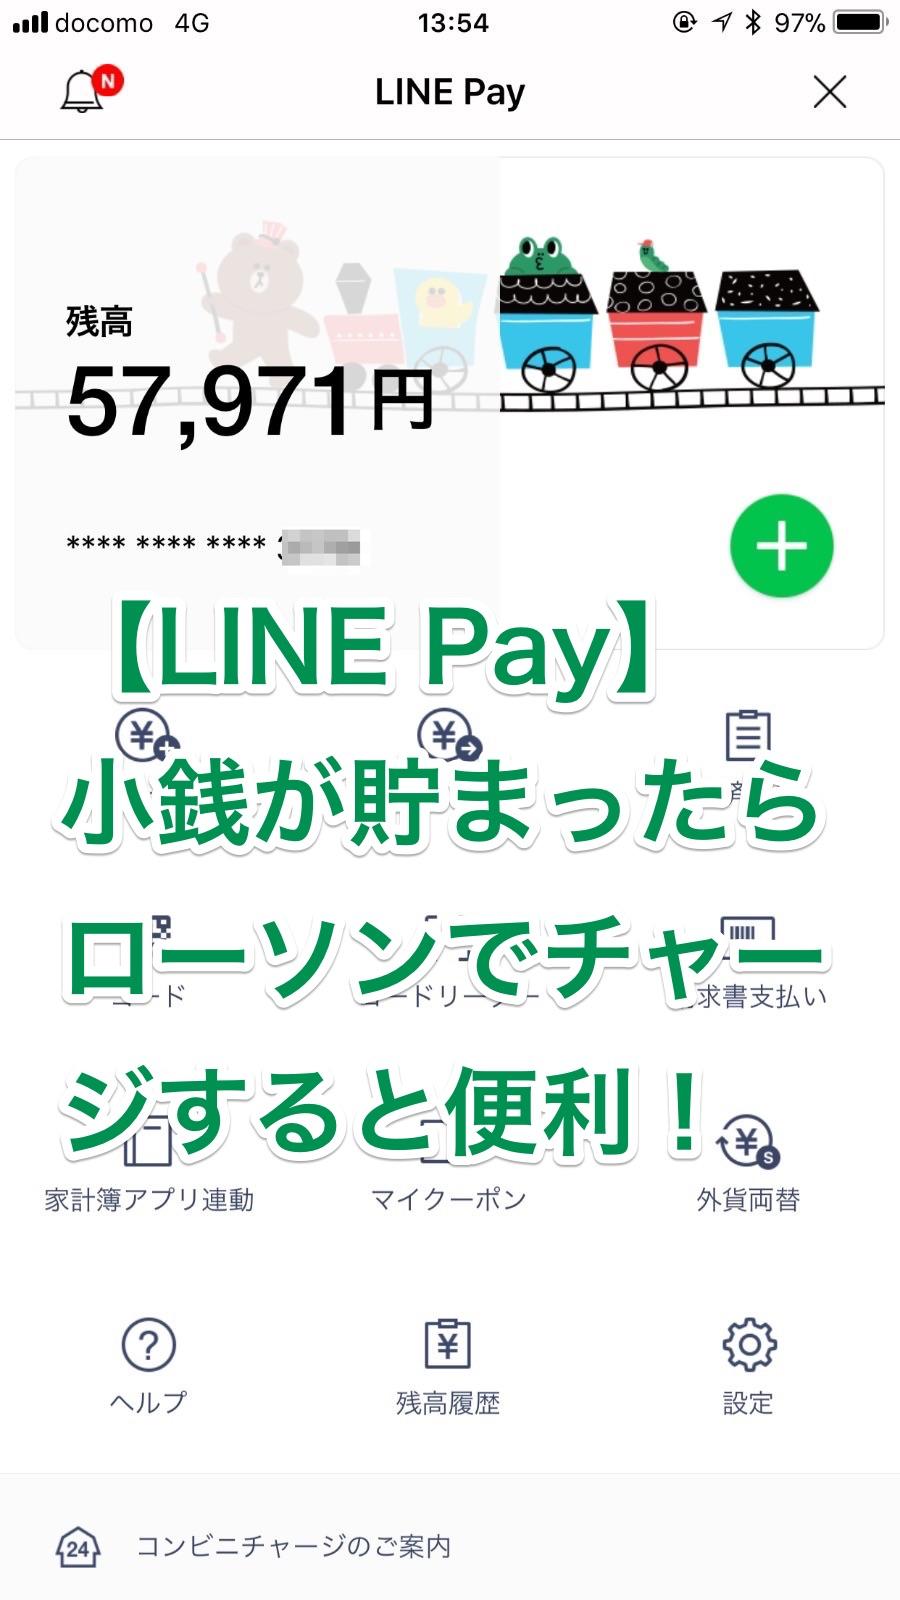 【LINE Pay】小銭が貯まったらローソンでチャージすると便利!